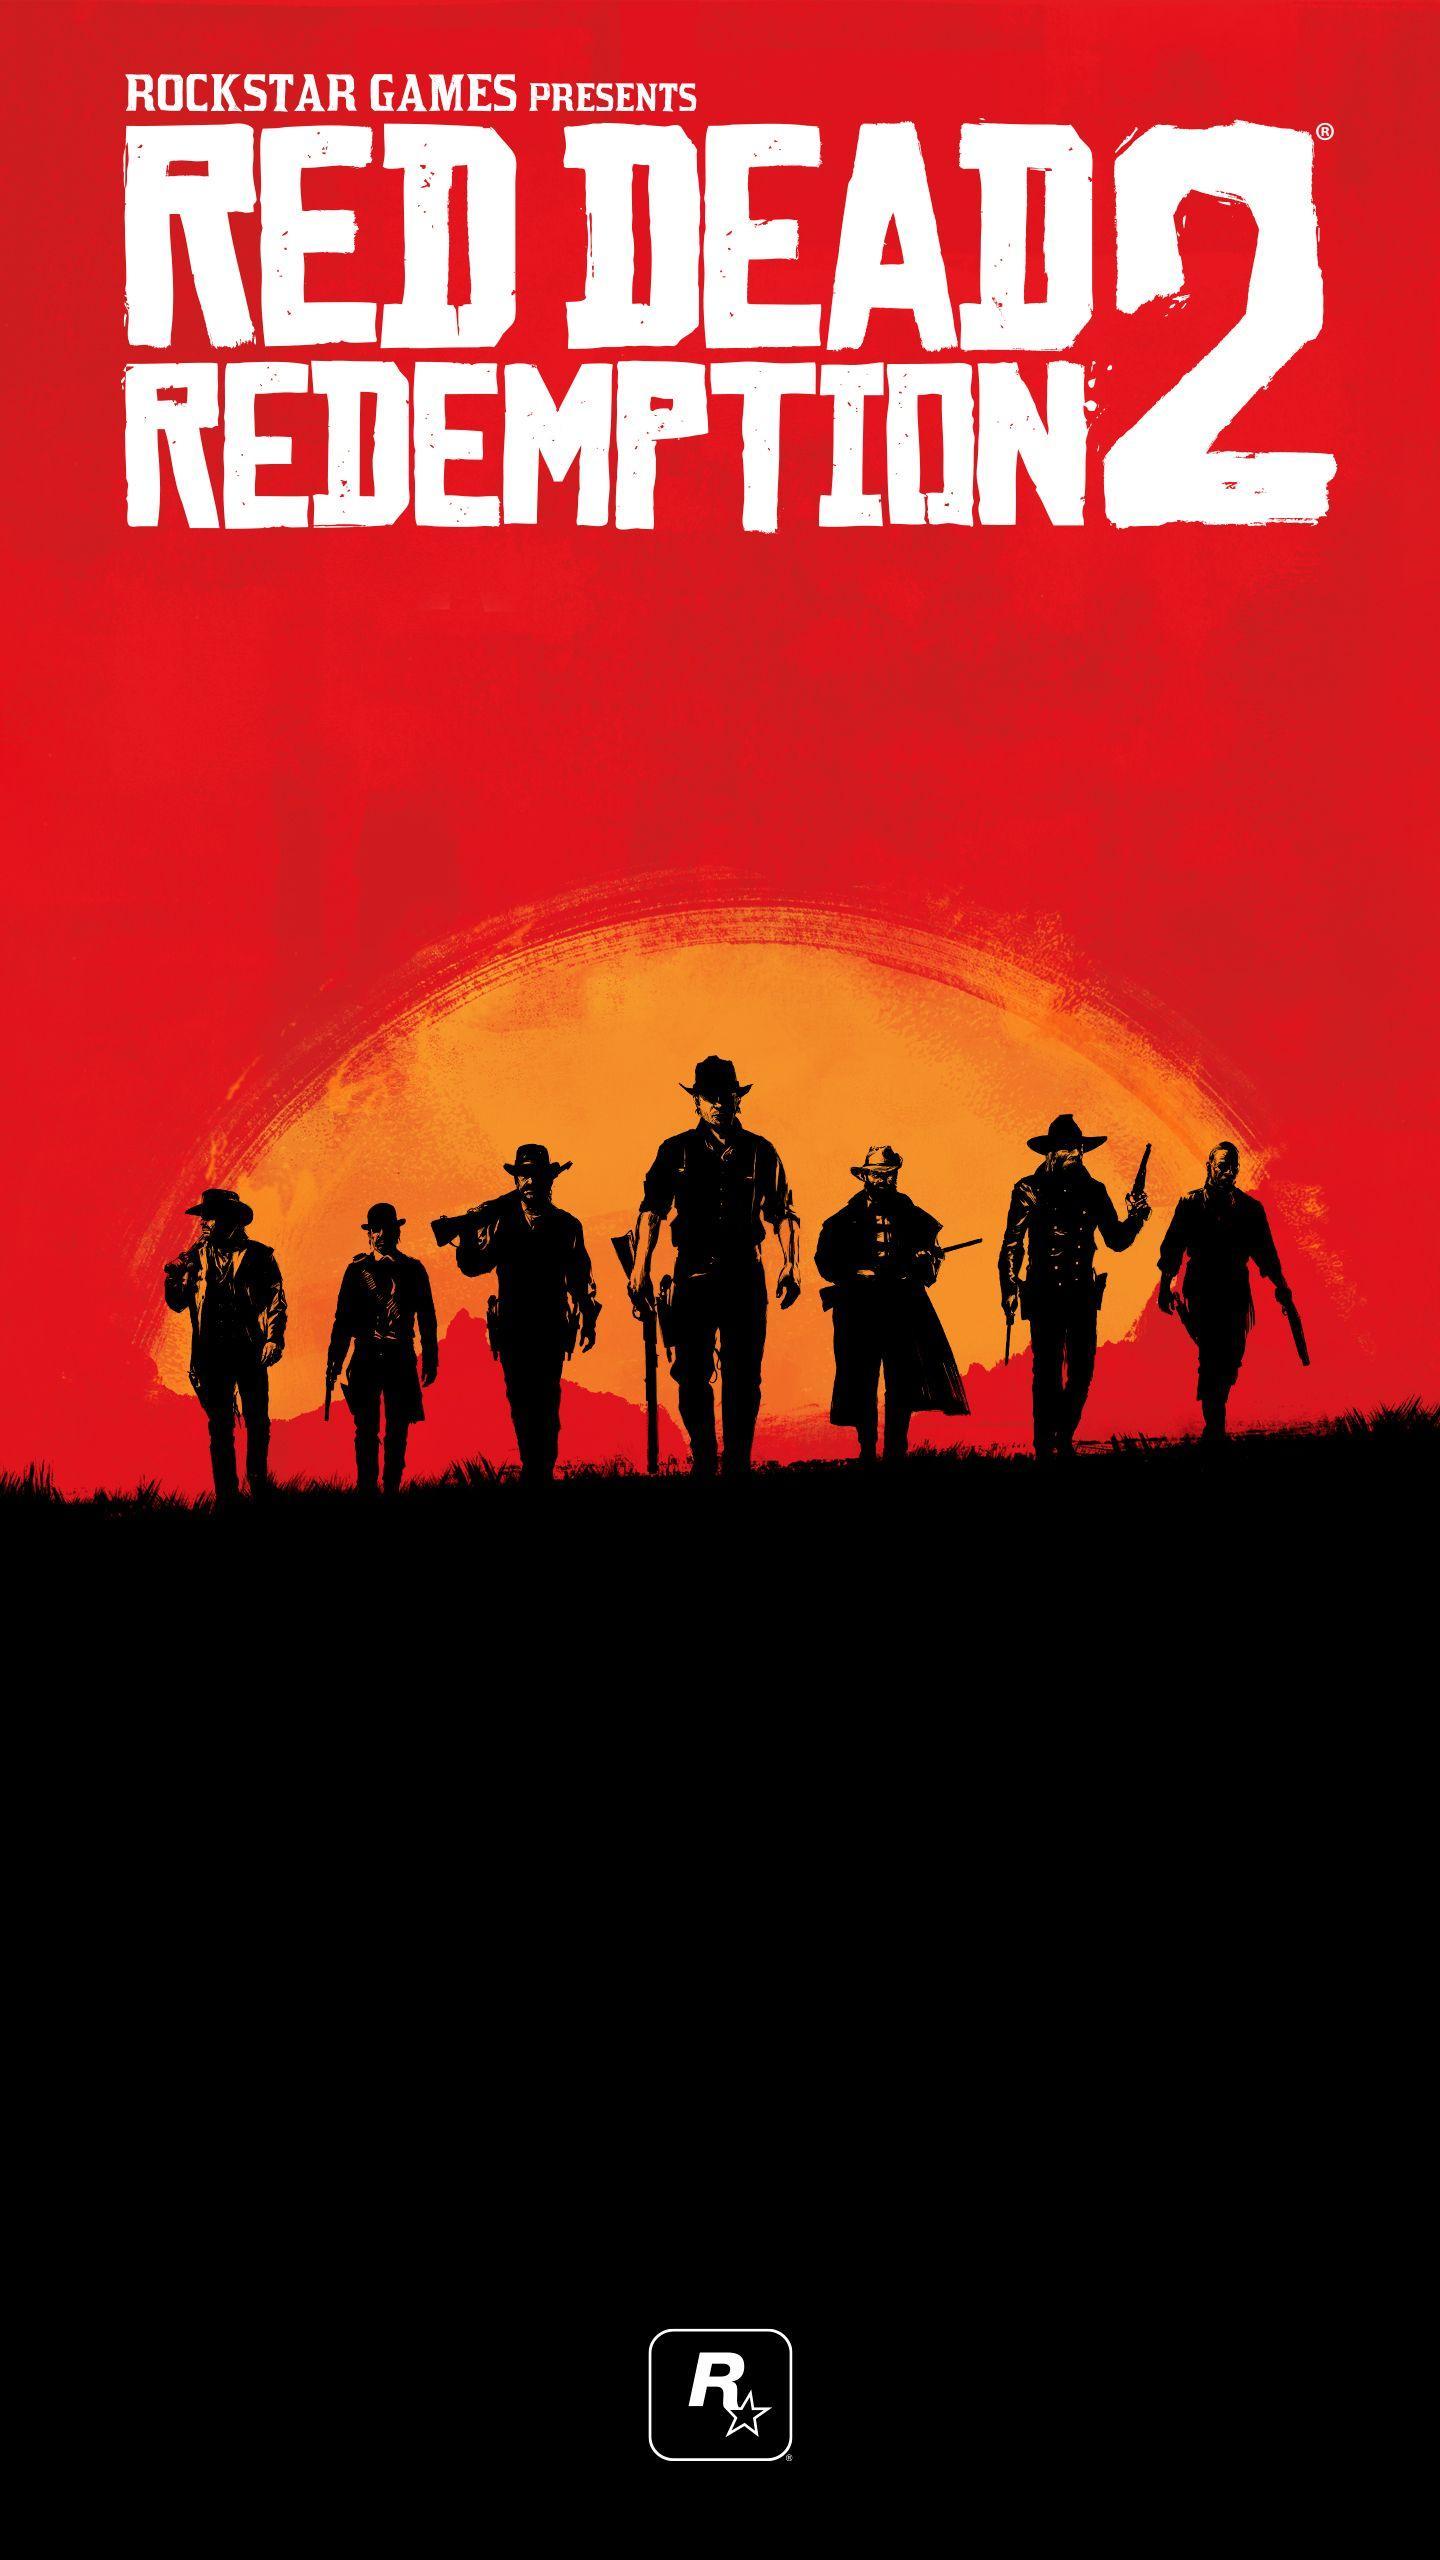 Rockstar games red dead redemption 2 downloads